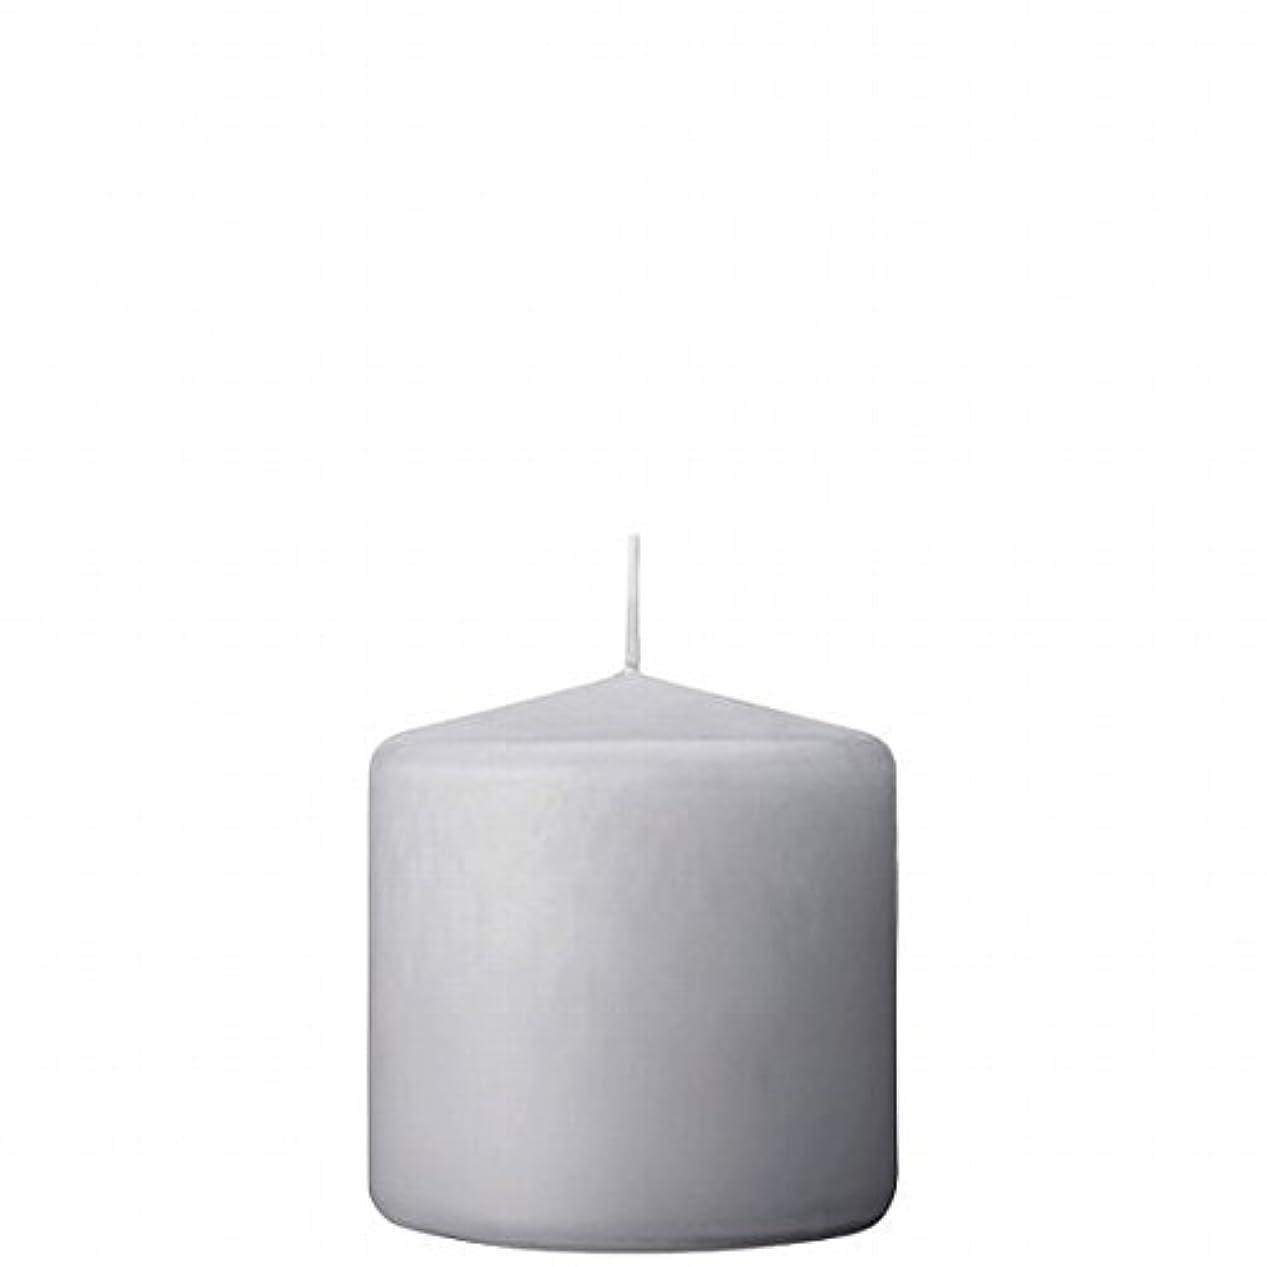 有利アンタゴニストハンカチカメヤマキャンドル(kameyama candle) 3×3ベルトップピラーキャンドル 「 ライトグレー 」